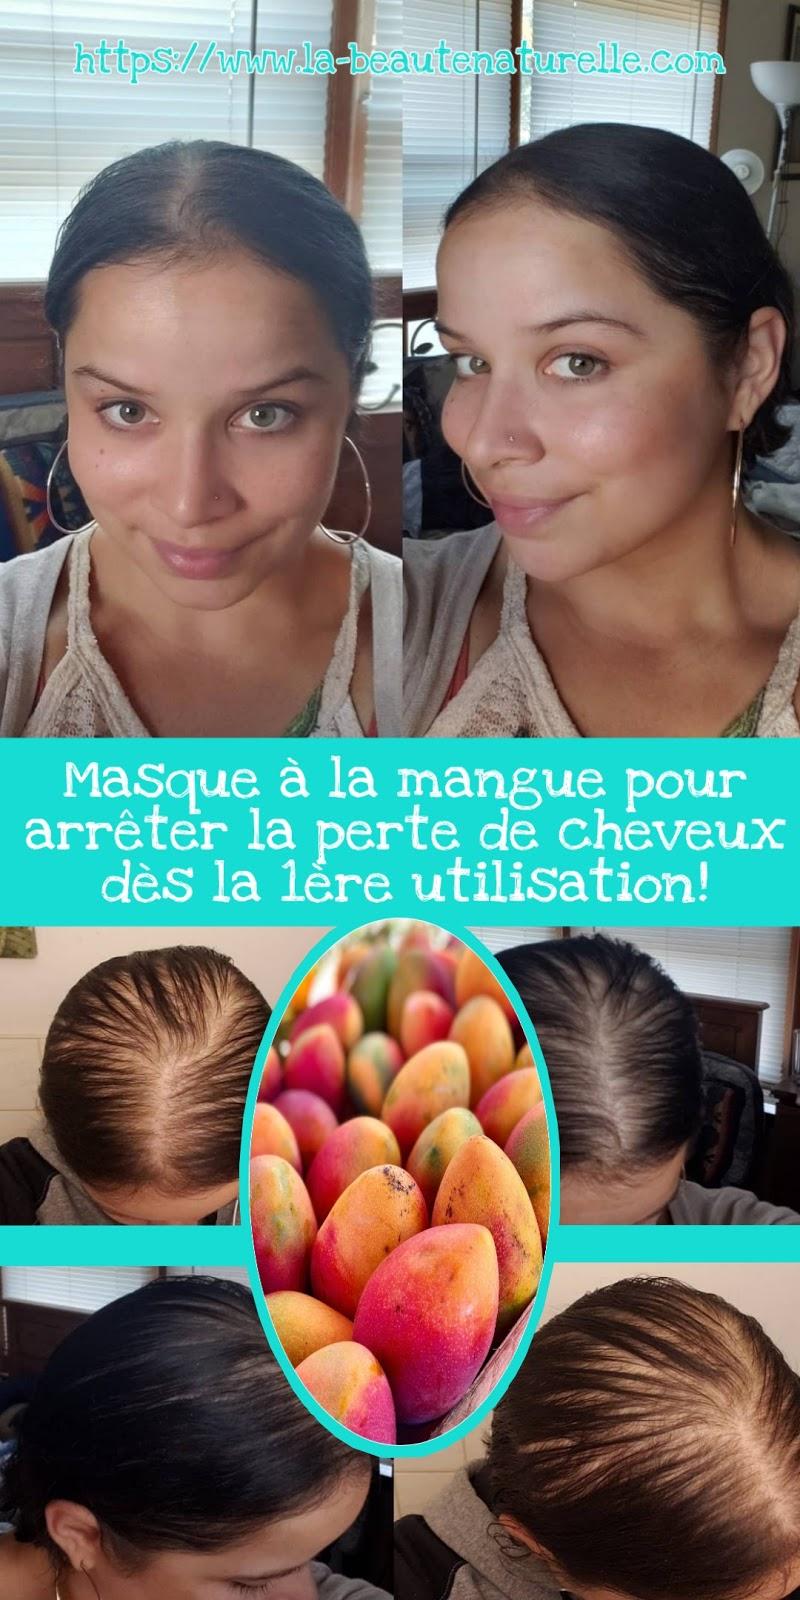 Masque à la mangue pour arrêter la perte de cheveux dès la 1ère utilisation!